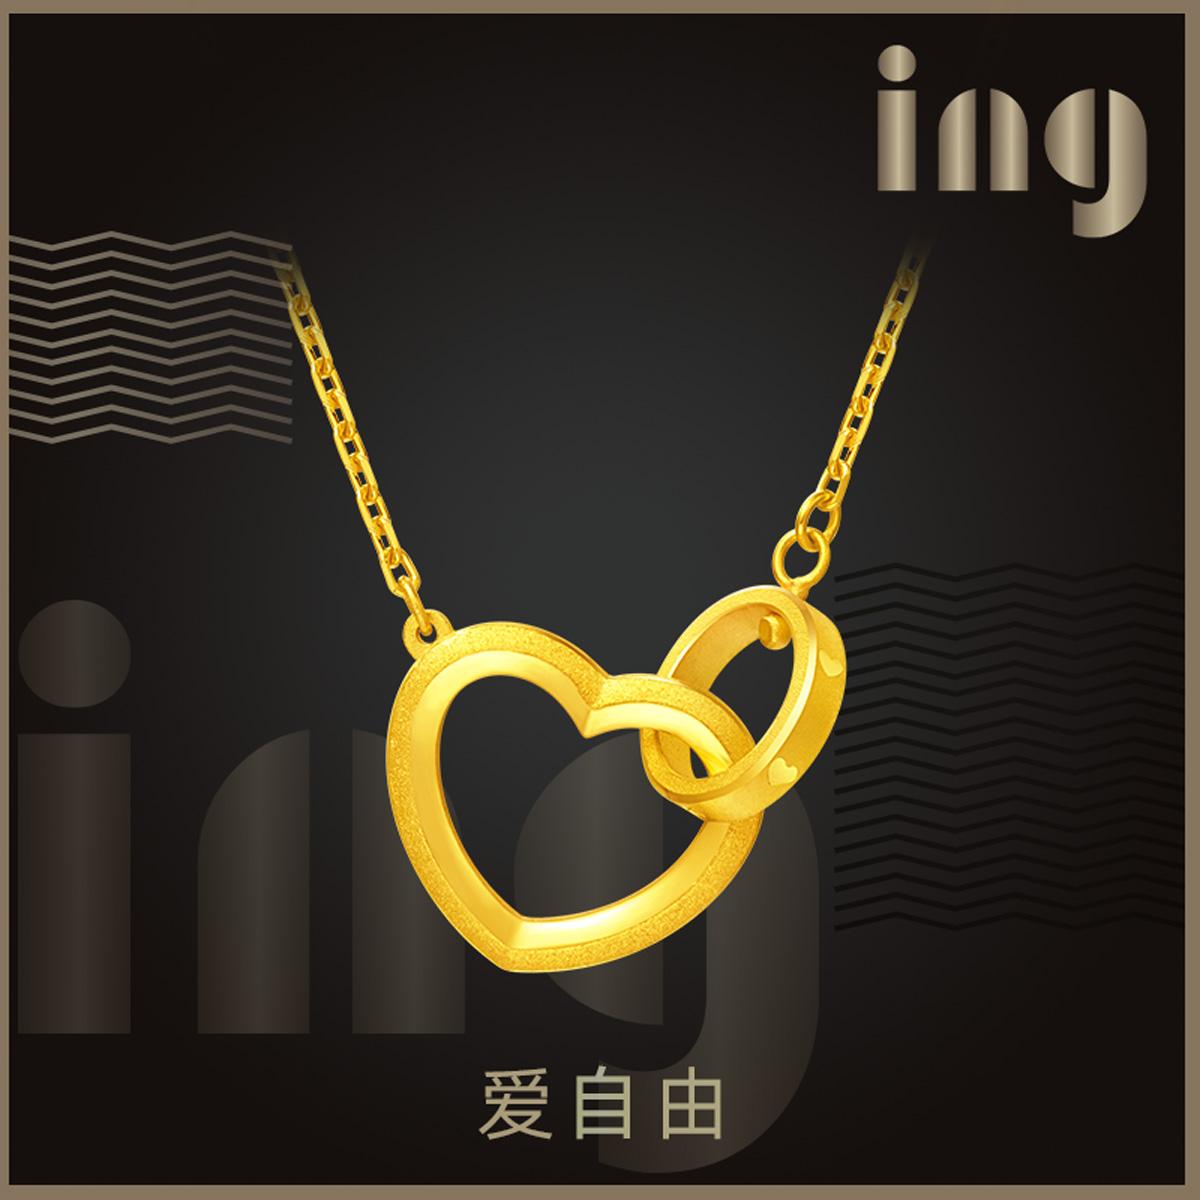 ขายโจว Dafuingชุดรักสร้อยคอทองคำที่สมบูรณ์แบบ/การกำหนดราคาจี้F219130อย่างเป็นทางการ